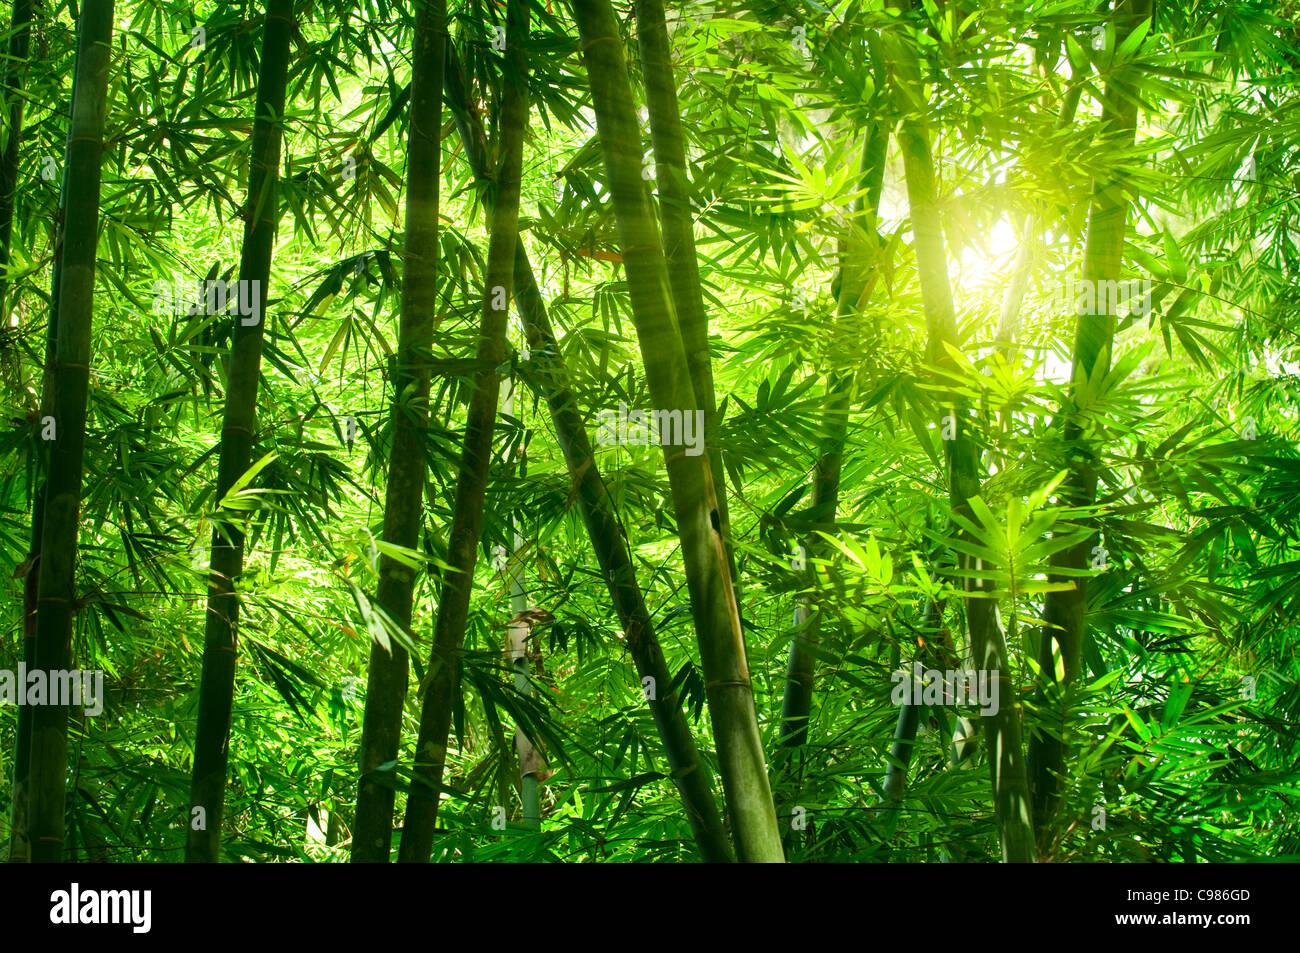 Asian Foresta di Bamboo con la luce del sole di mattina. Immagini Stock